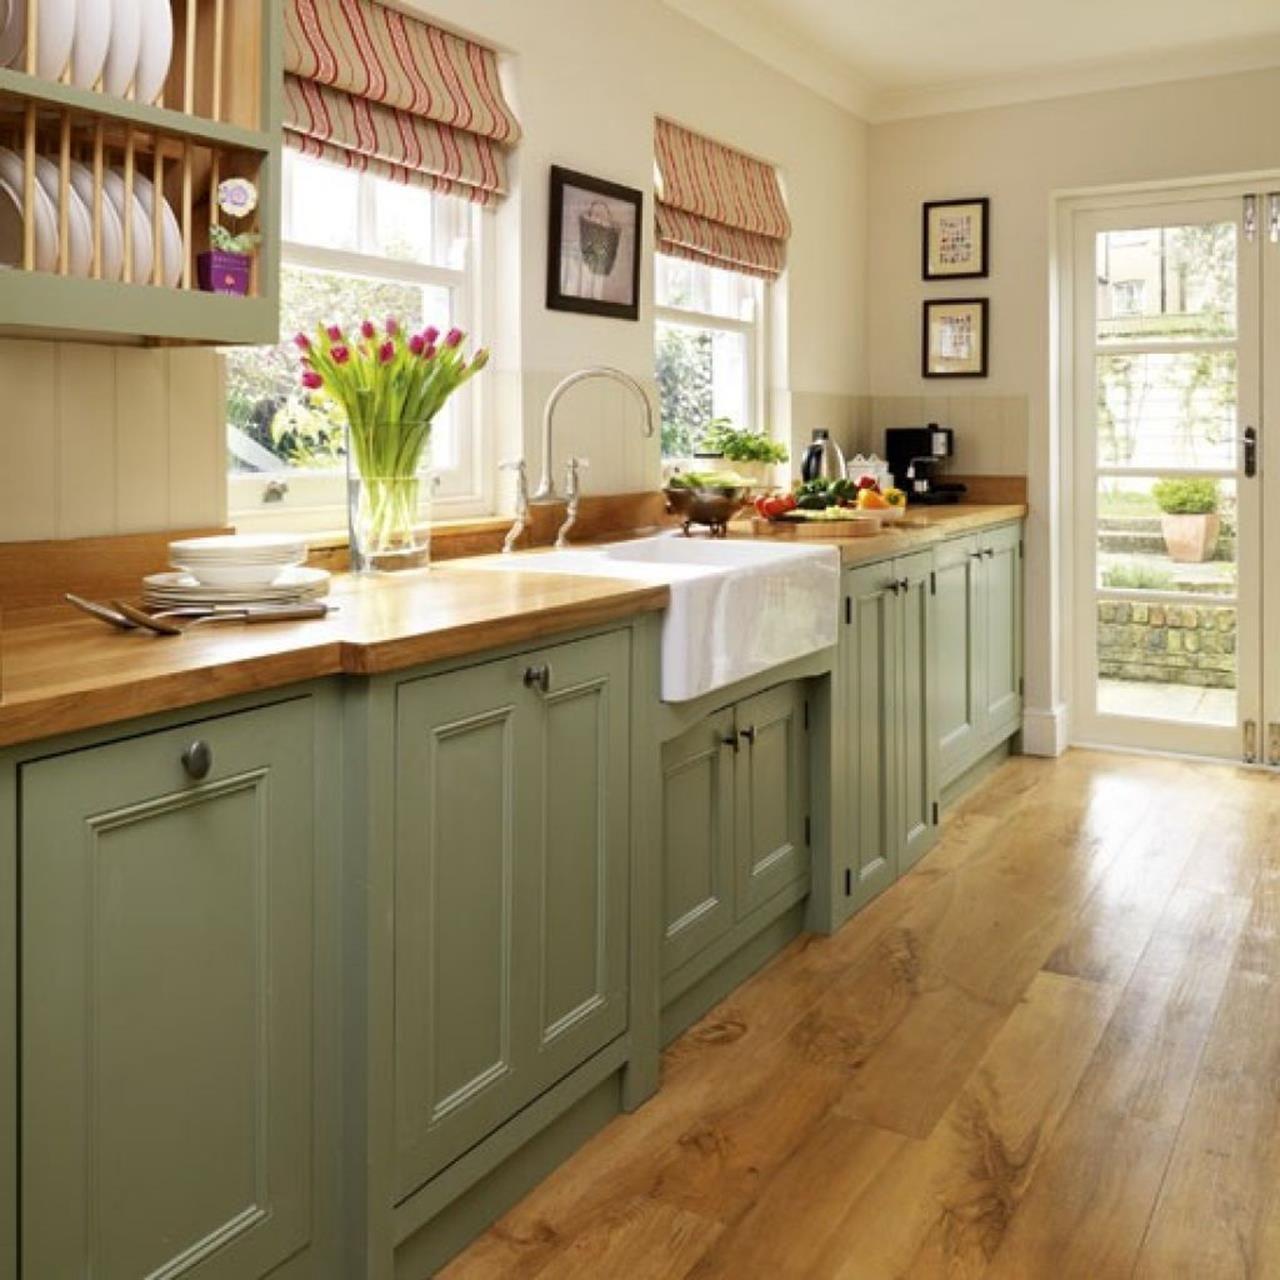 Kitchen Decor Ideas Sage Green: 40+ Stunning Country Cottage Kitchen Decorating Ideas